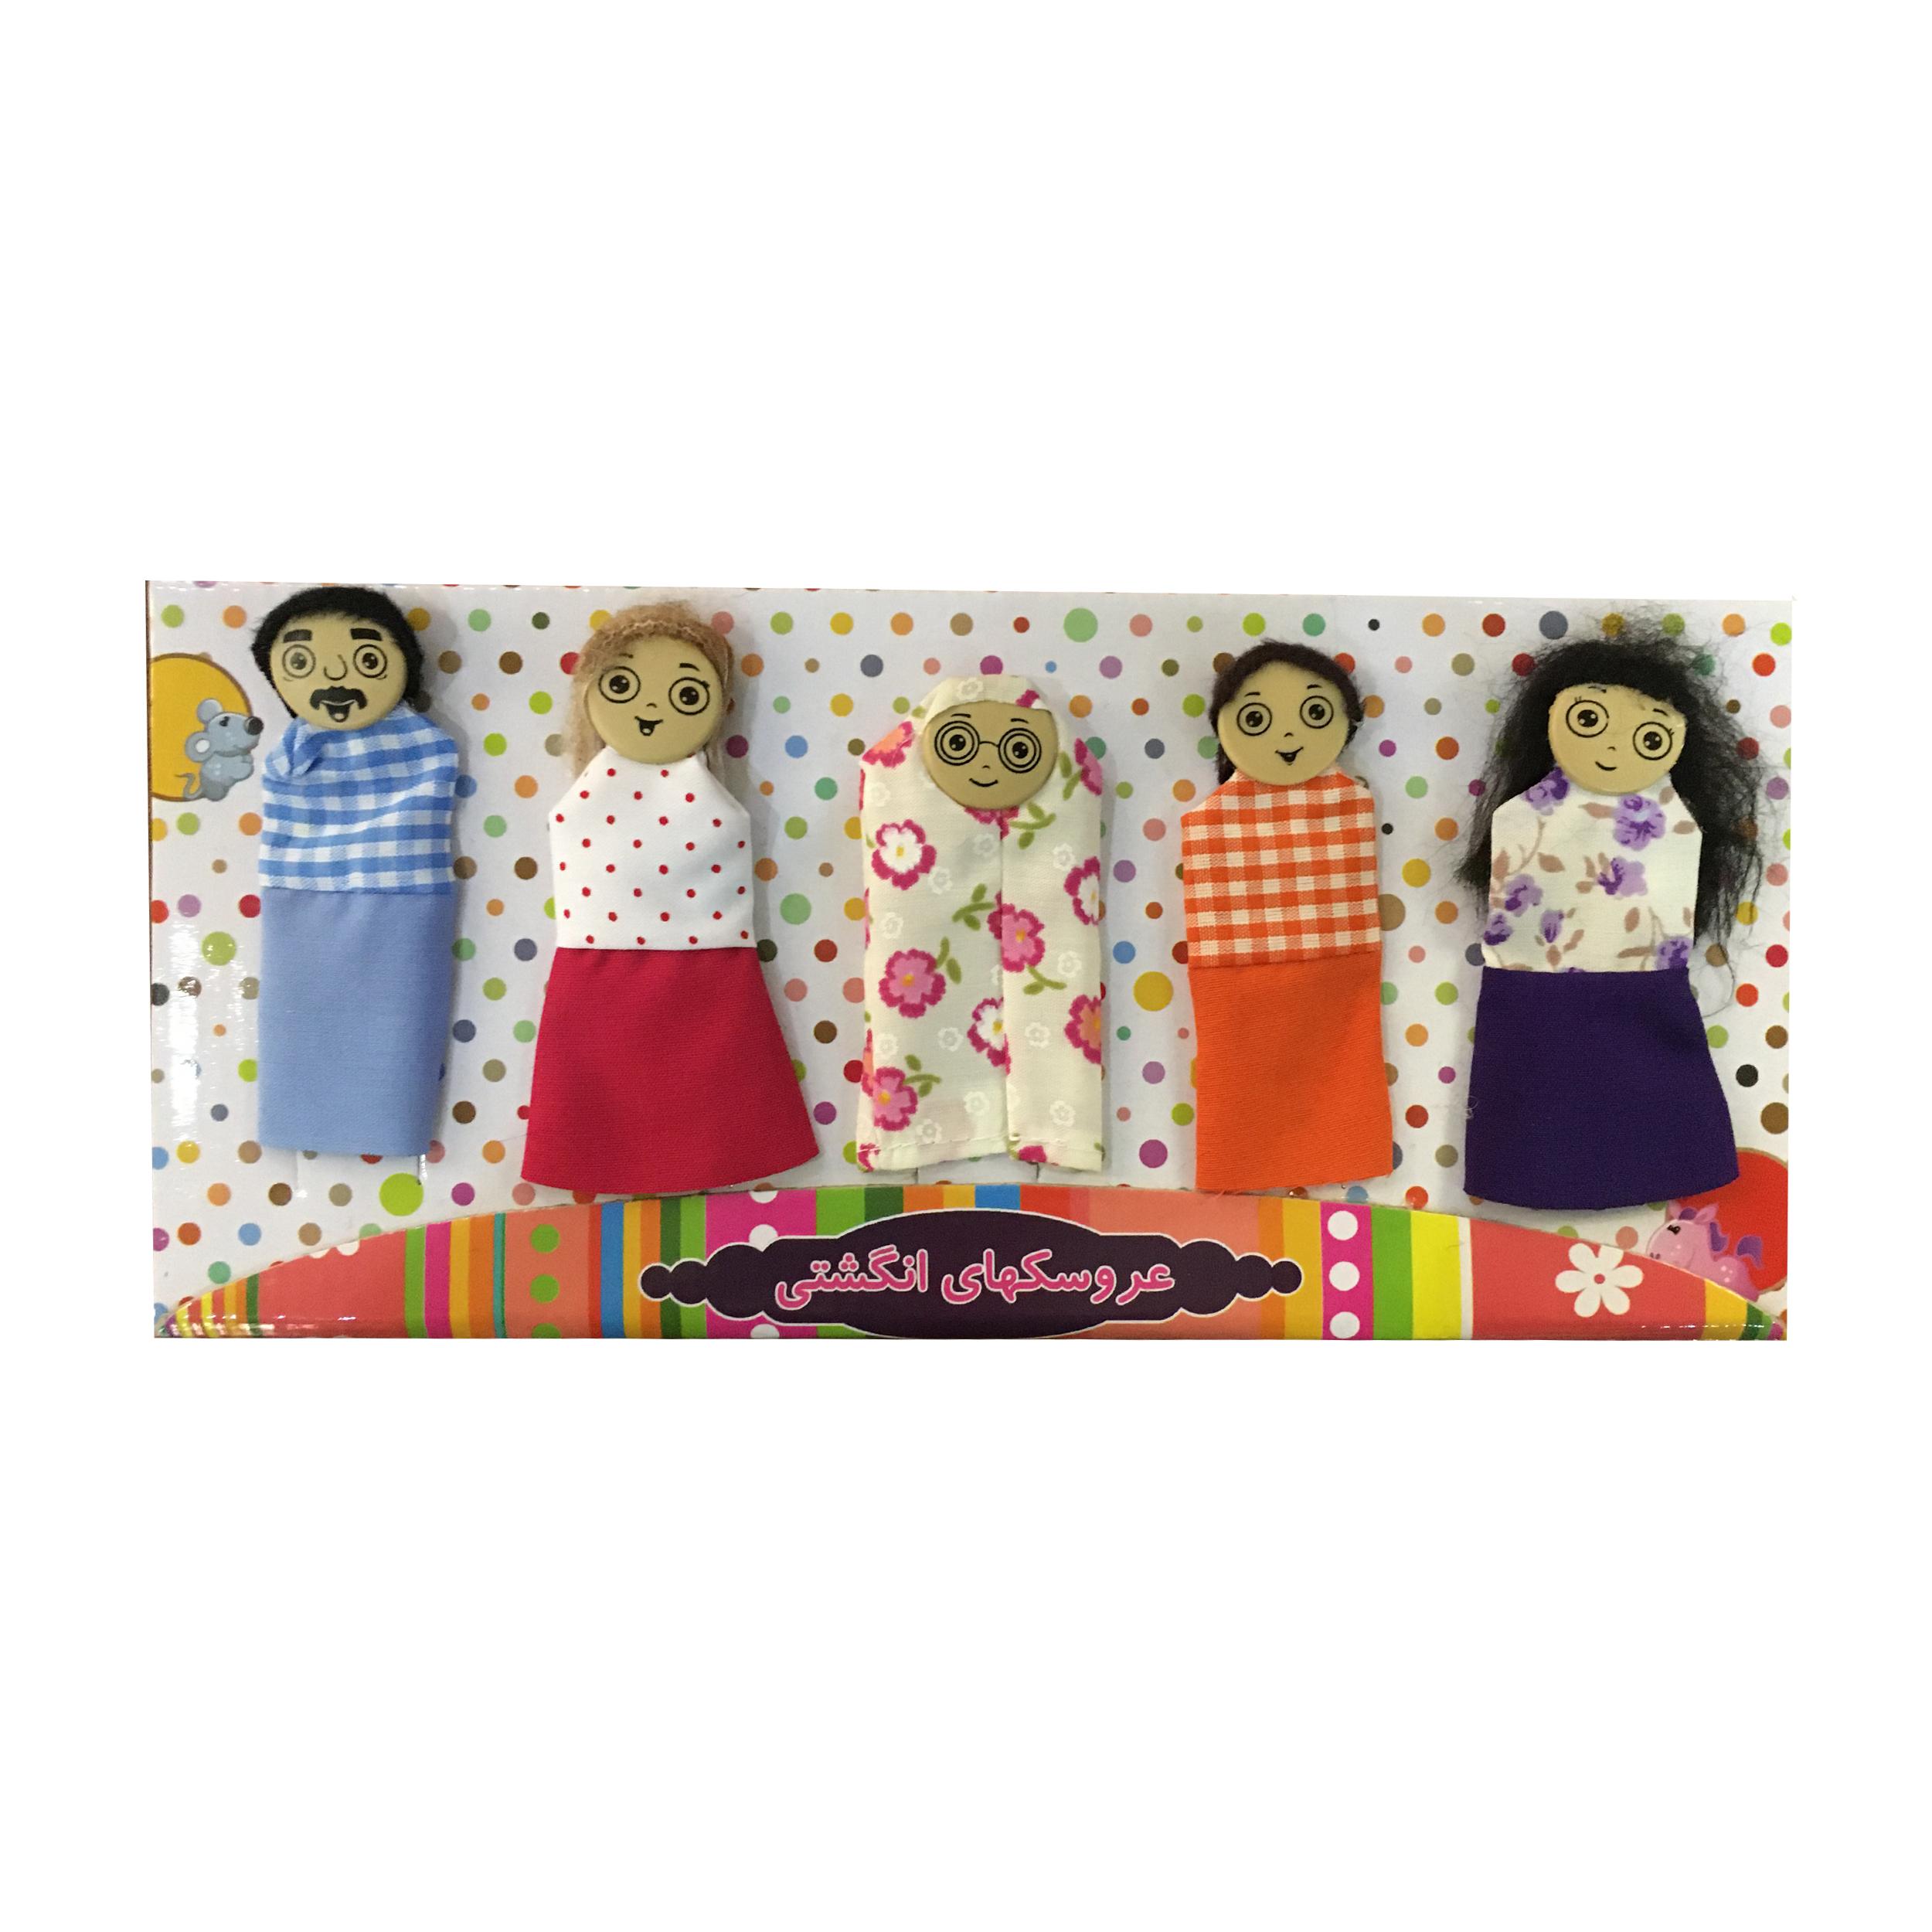 عروسک انگشتی مدل خانواده بسته 5 عددی